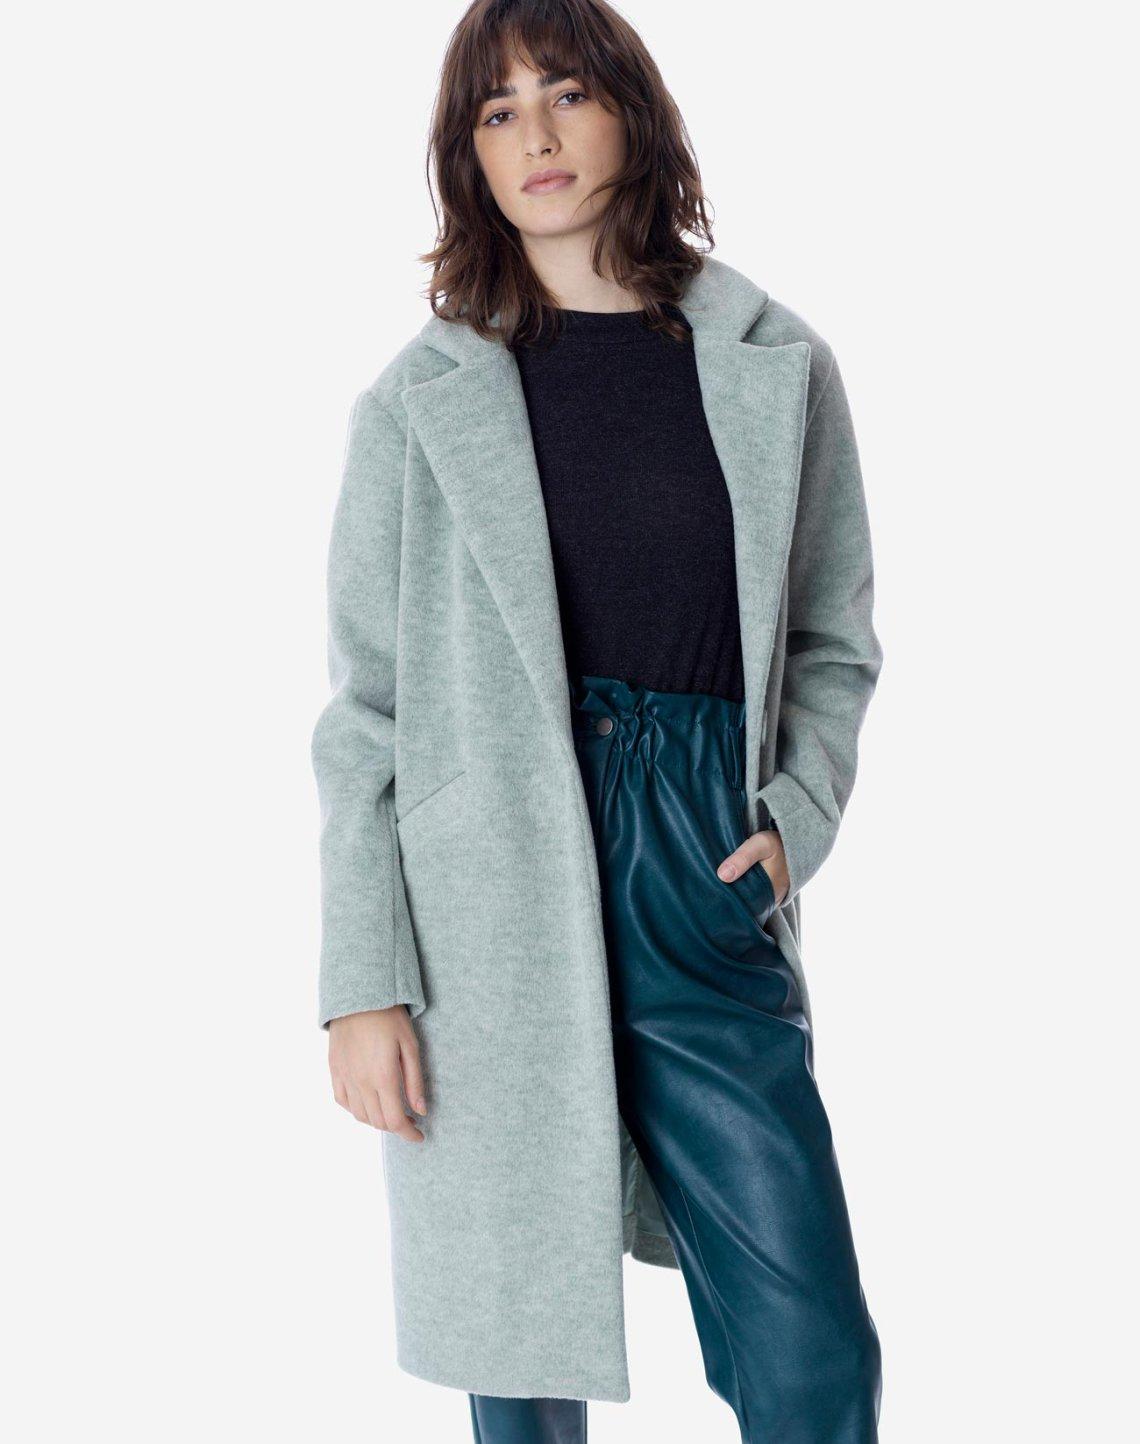 Παλτο oversized